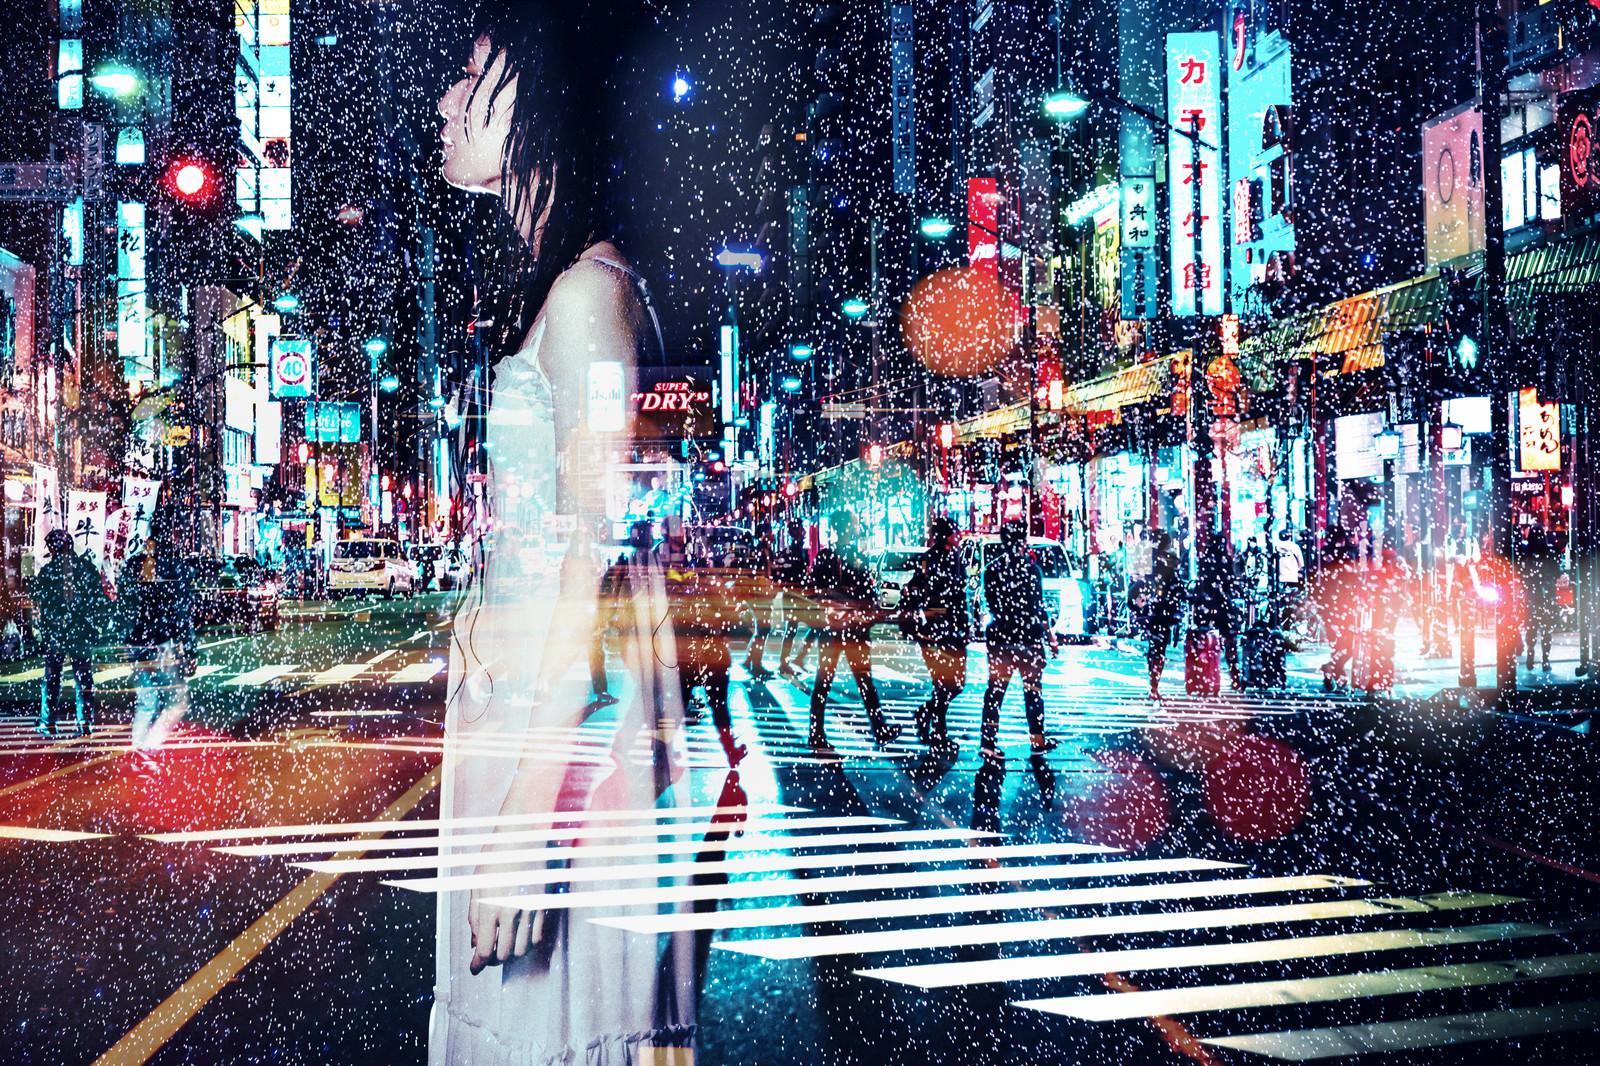 「雨に打たれる女性と夜(フォトモンタージュ)」の写真[モデル:緋真煉]